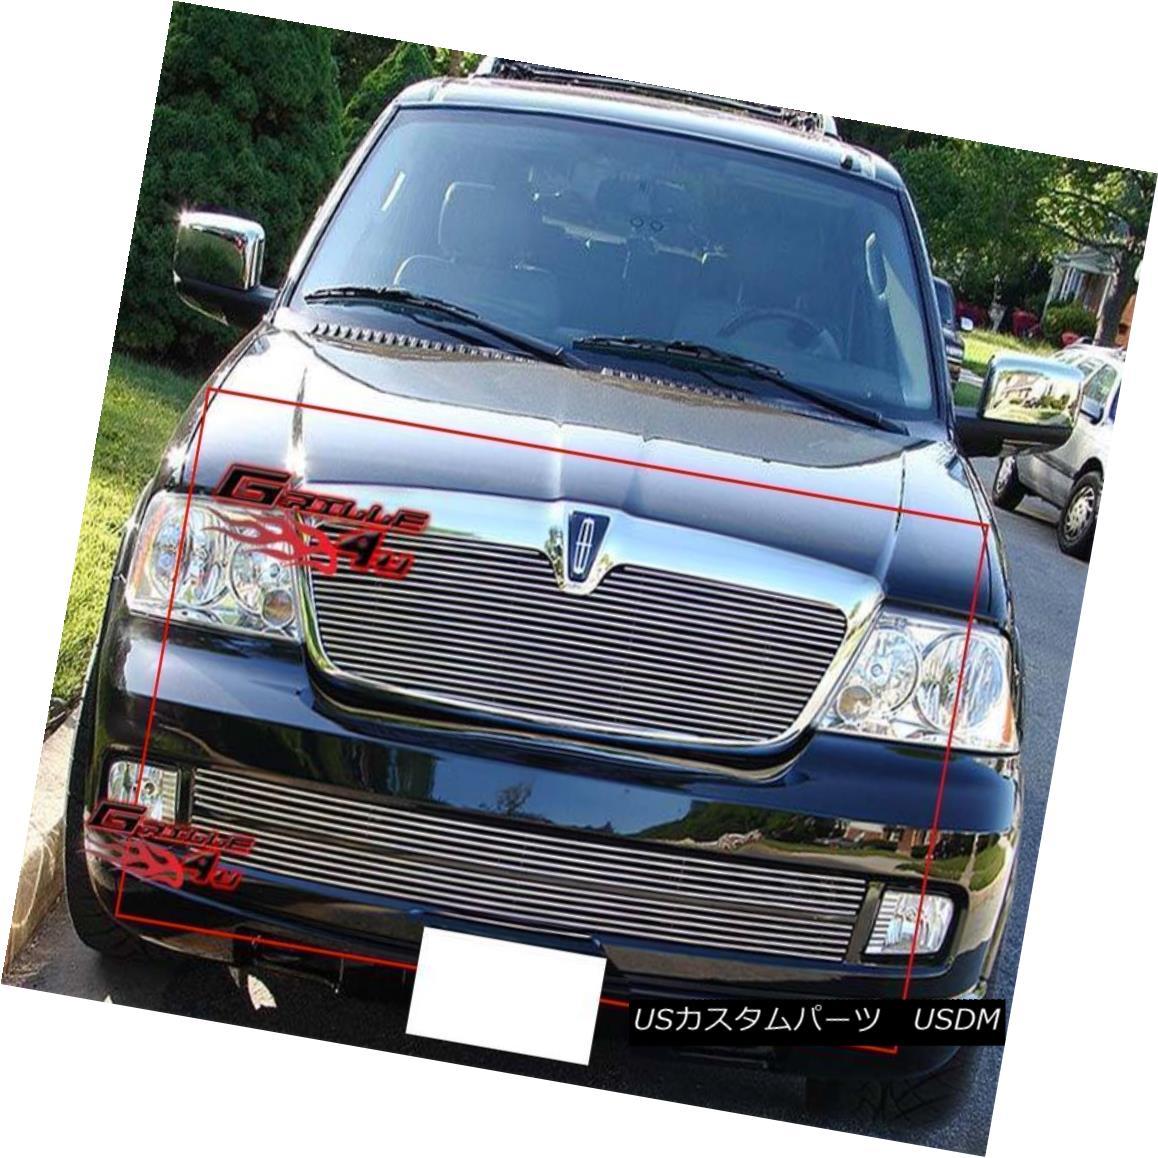 グリル Fits 05-06 Lincoln Navigator Billet Grille Grill Combo Insert フィット05-06リンカーンナビゲータービレットグリルグリルコンボインサート